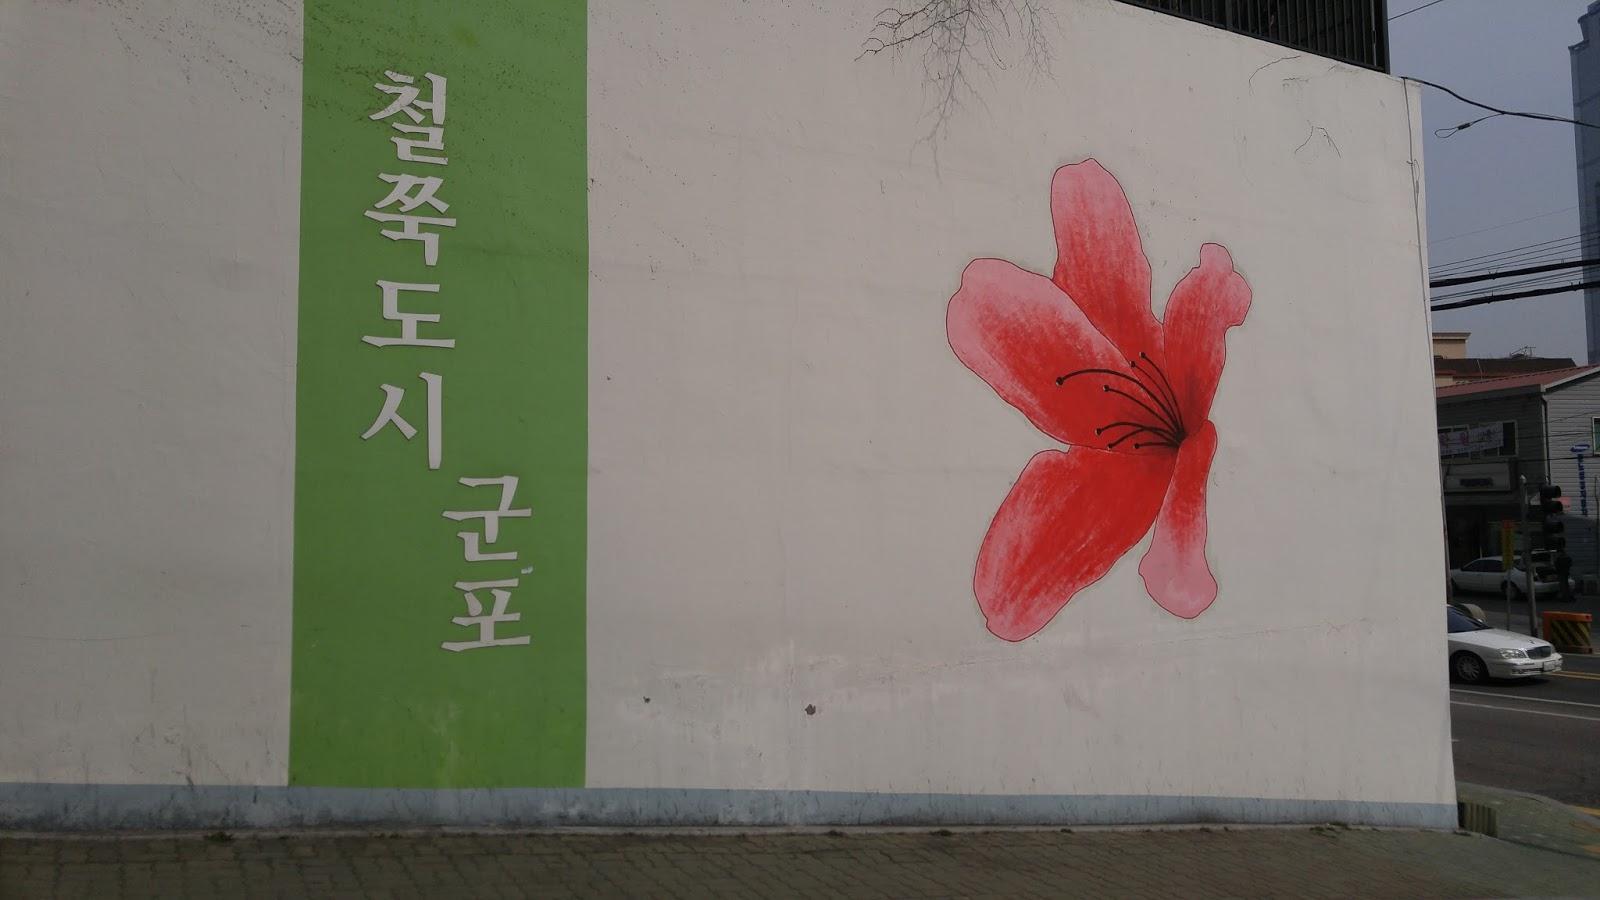 디자인군포 군포벽화 군포시 공공디자인: 가장 큰 철쭉꽃송이 ...